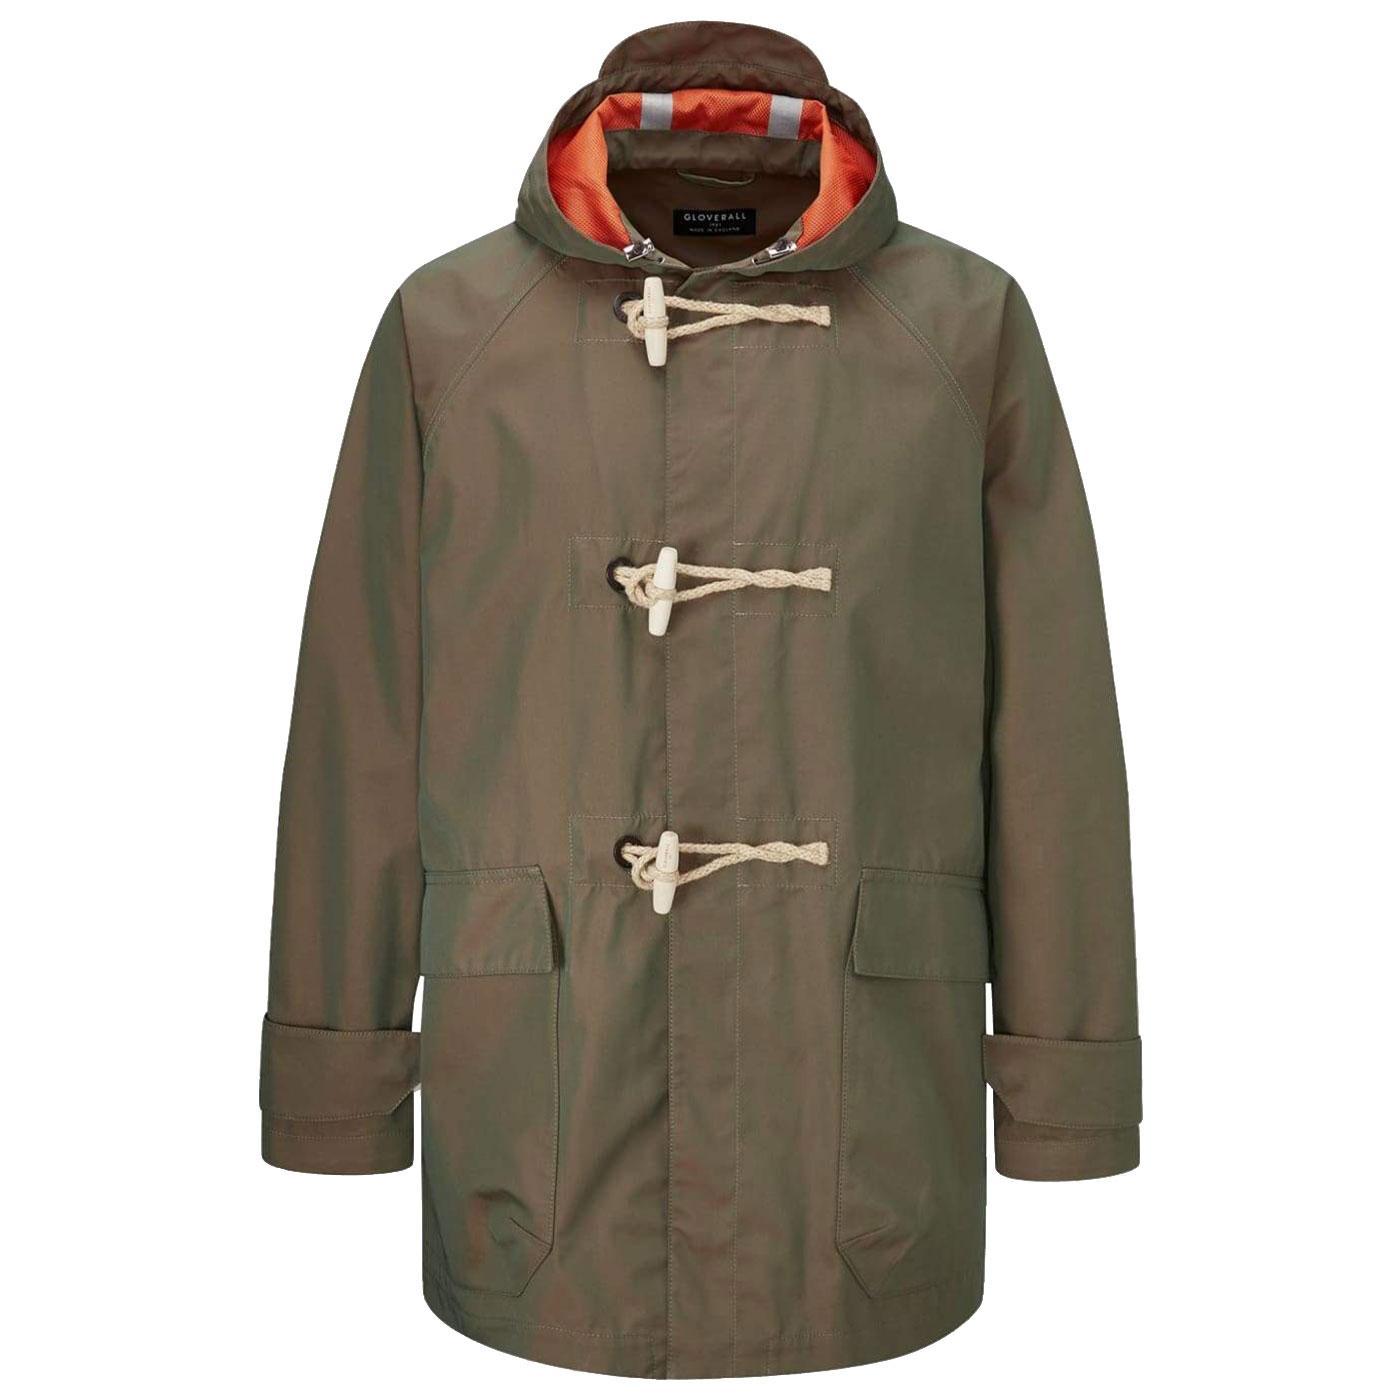 Mersey GLOVERALL Mod Lightweight Tonic Duffle Coat